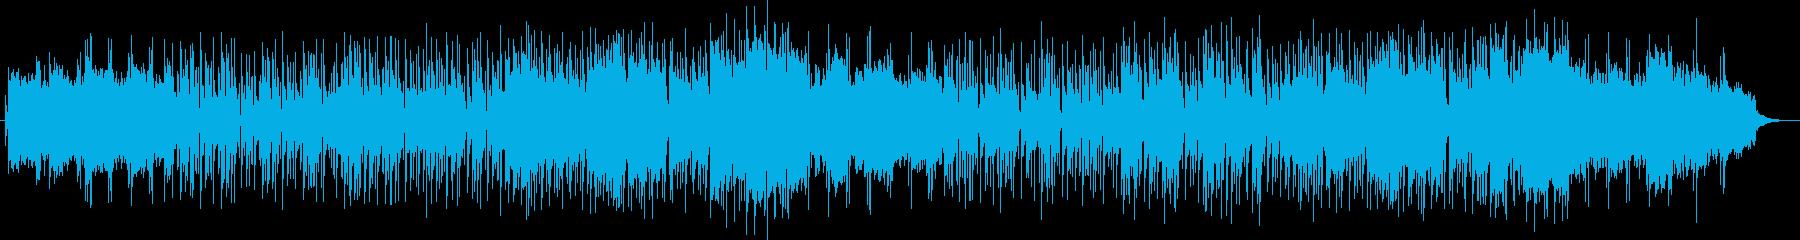 明るく爽やか弦楽器シンセサイザーサウンドの再生済みの波形